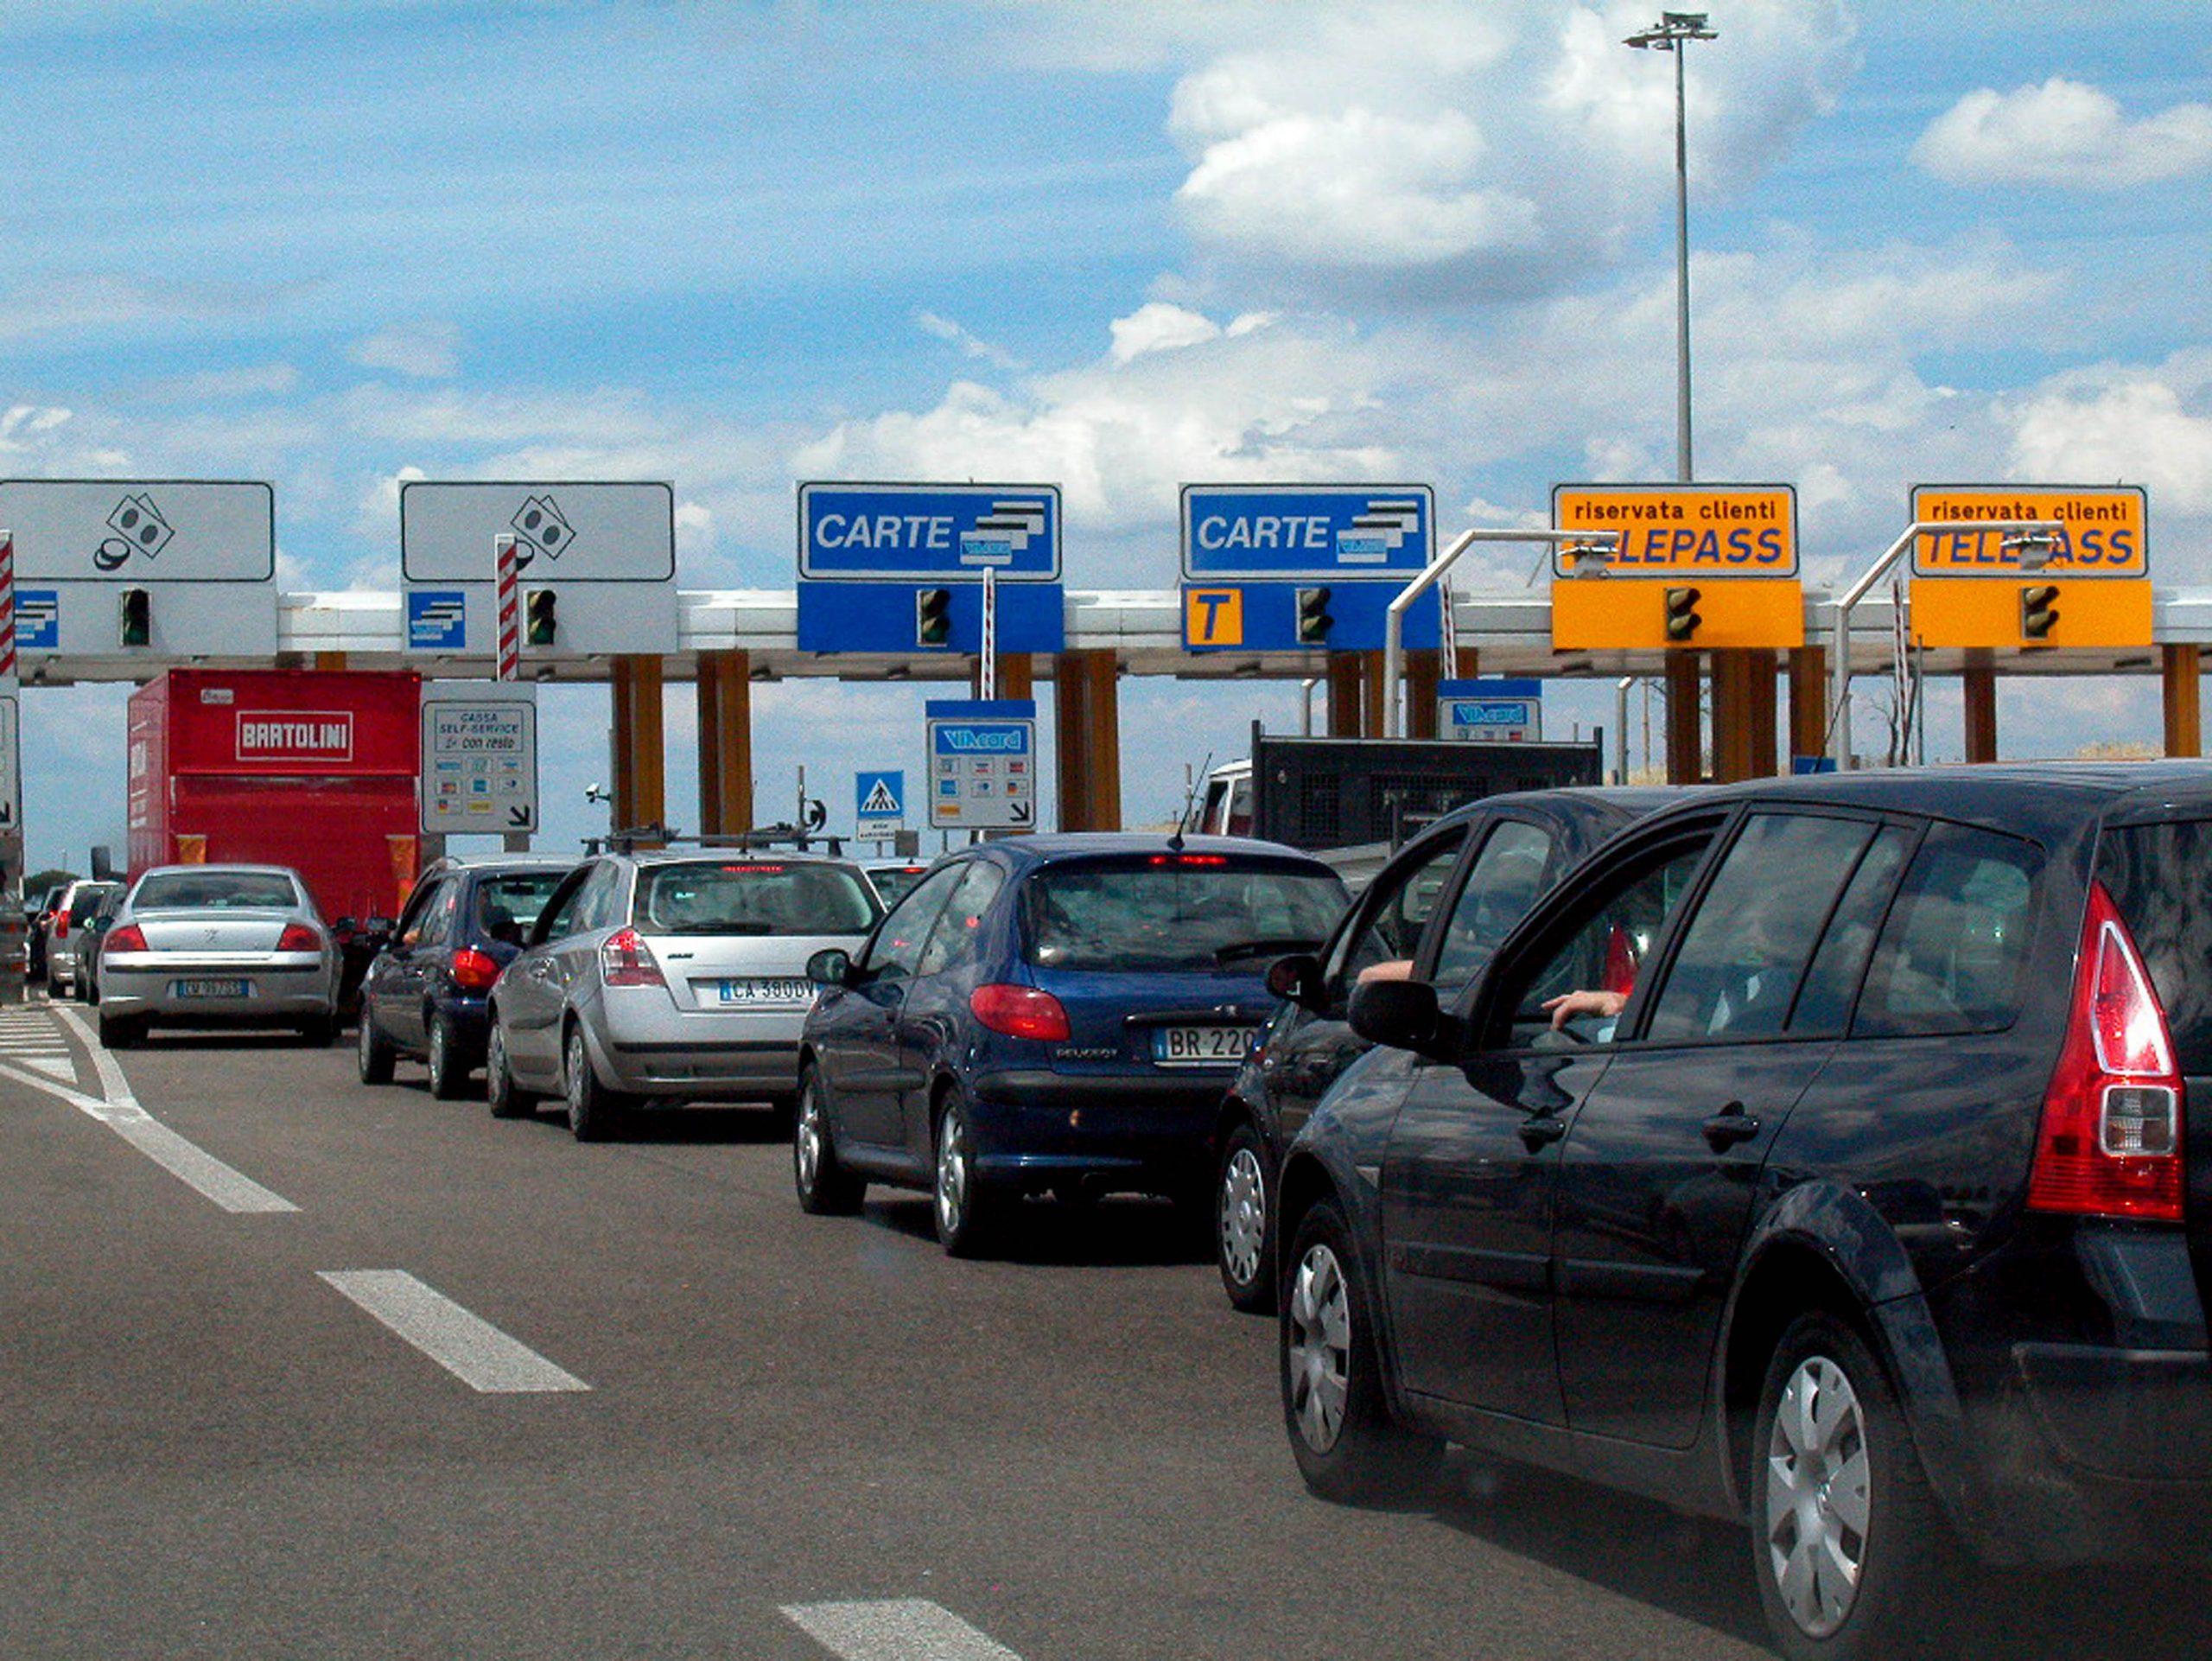 Rincari pedaggi autostradali A24/A25, fissato l'incontro con il Ministro